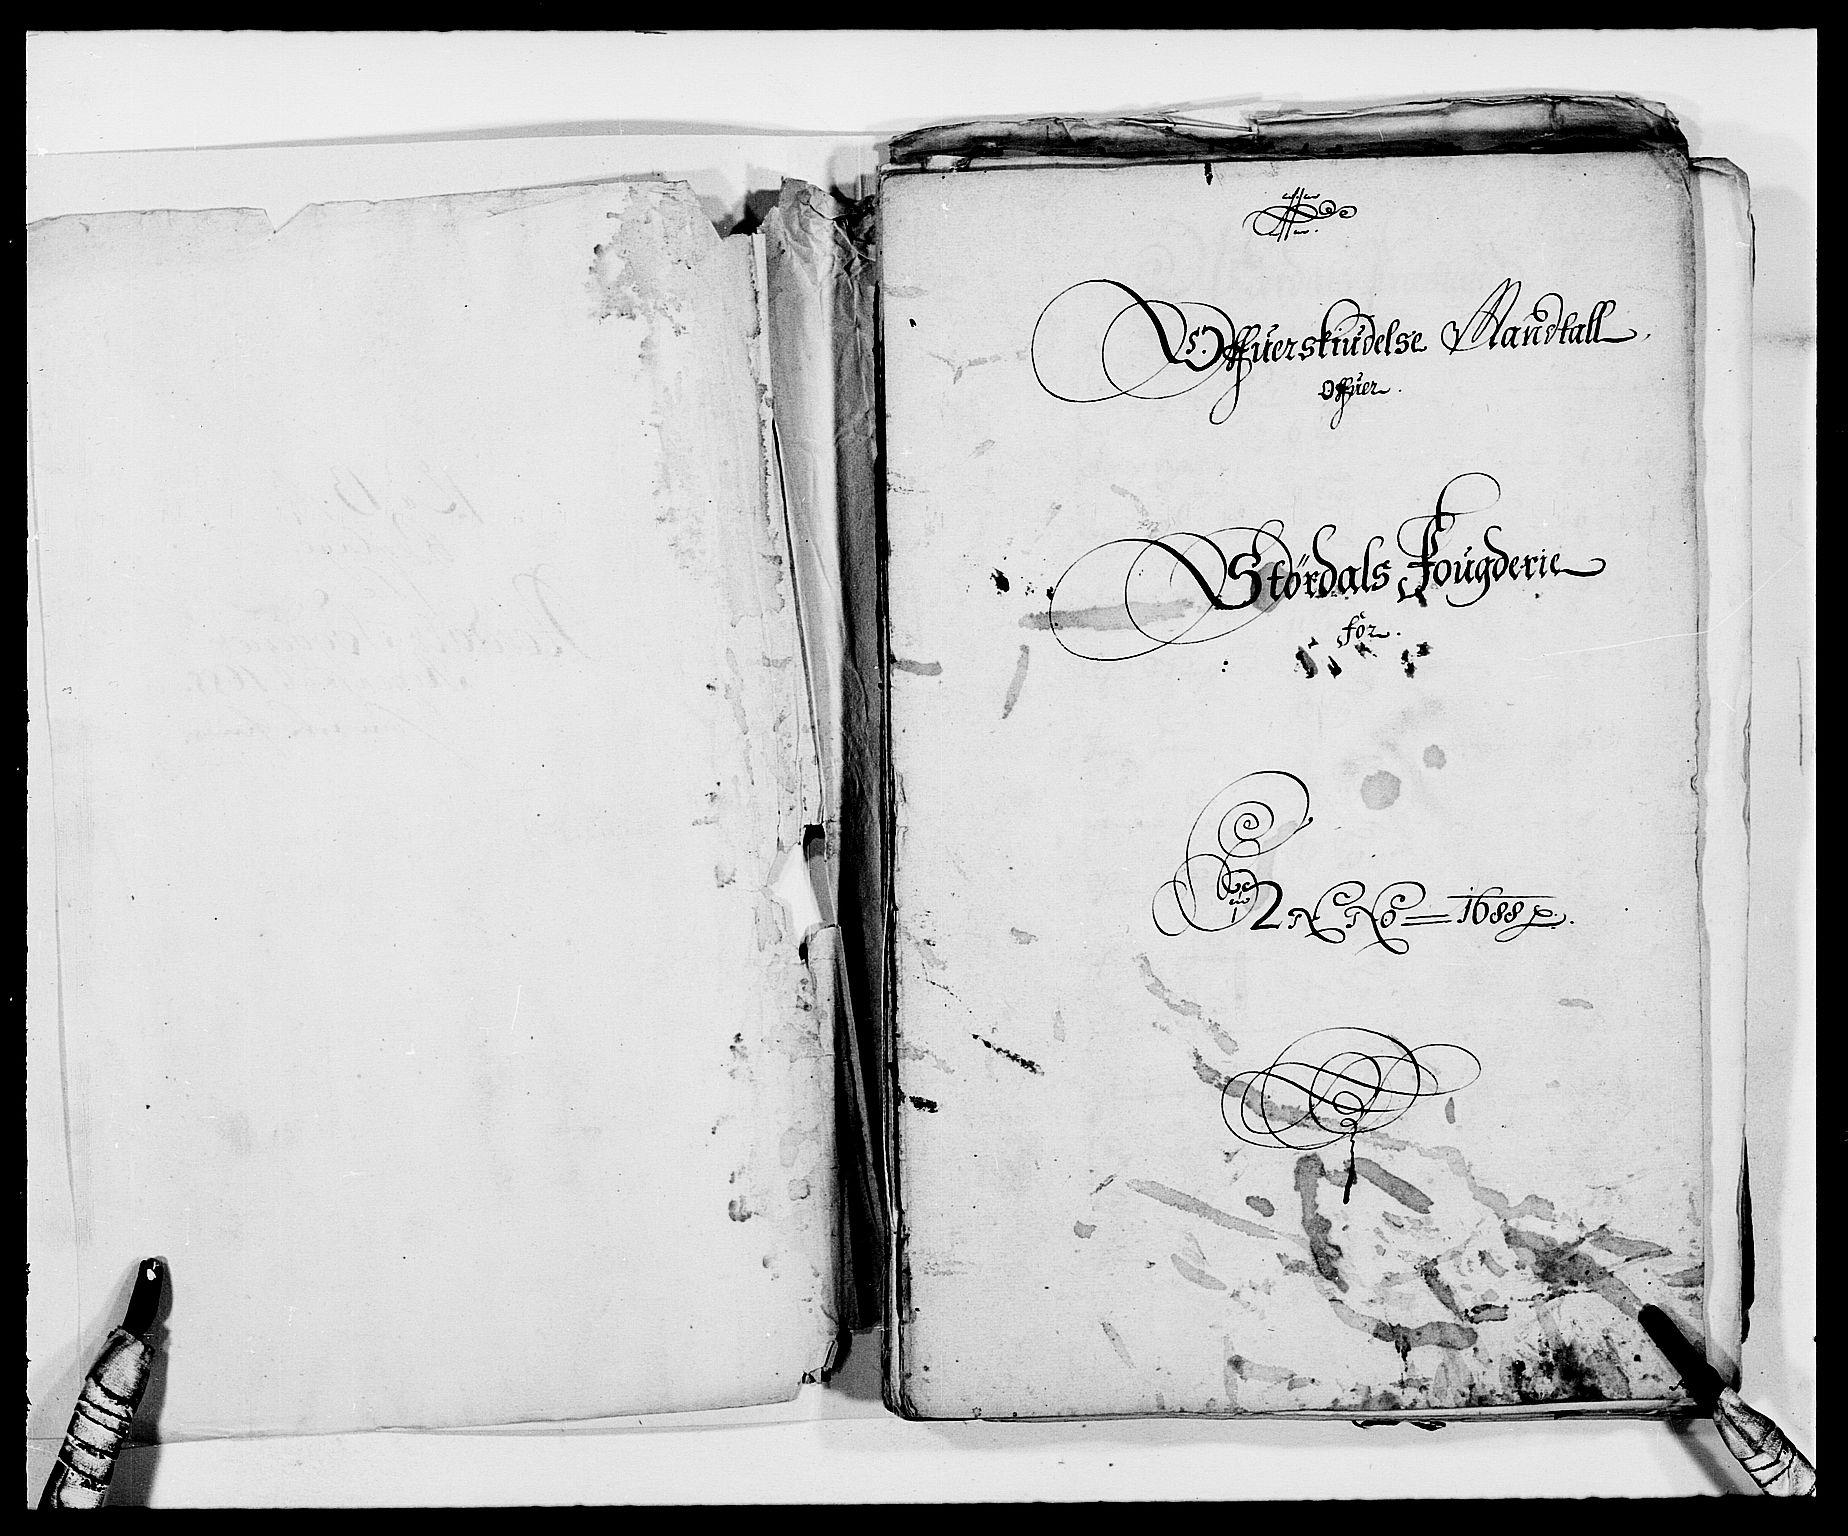 RA, Rentekammeret inntil 1814, Reviderte regnskaper, Fogderegnskap, R62/L4183: Fogderegnskap Stjørdal og Verdal, 1687-1689, s. 199